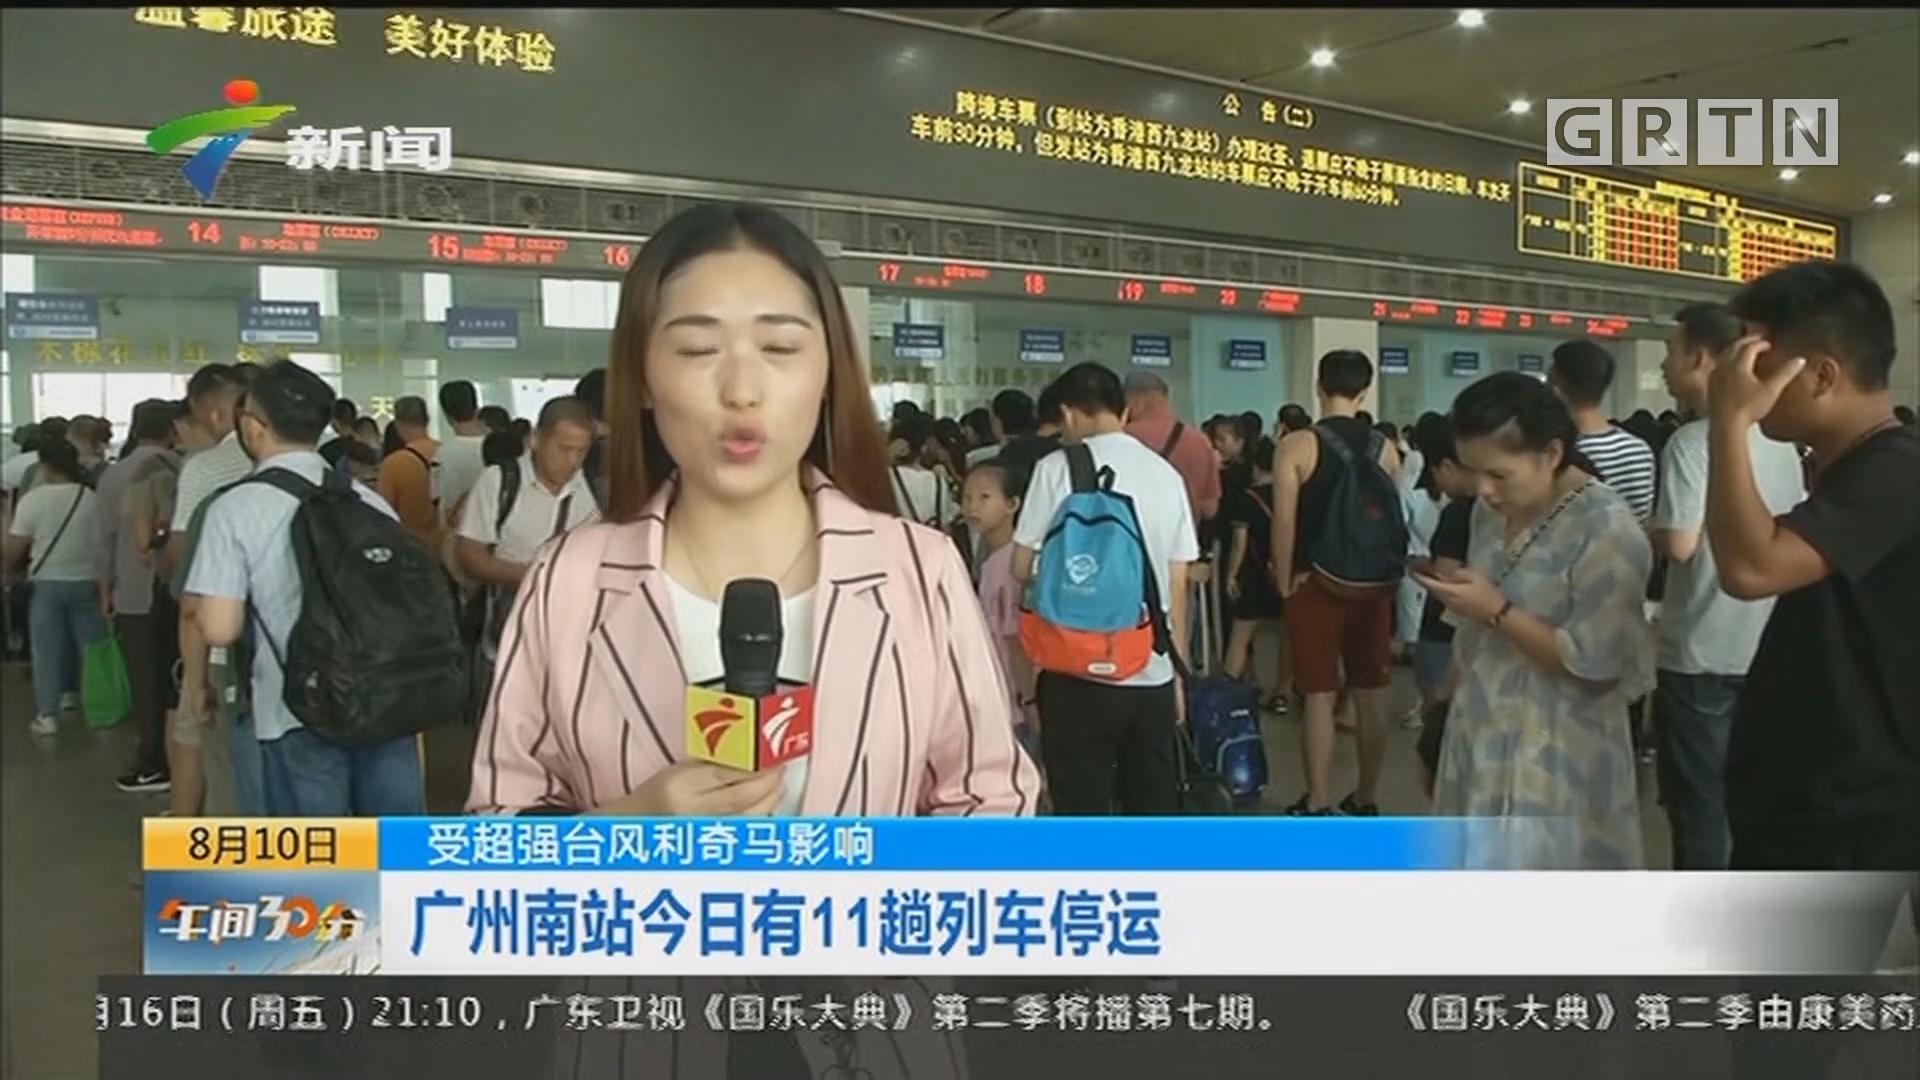 受超强台风利奇马影响:广州南站今日有11趟列车停运